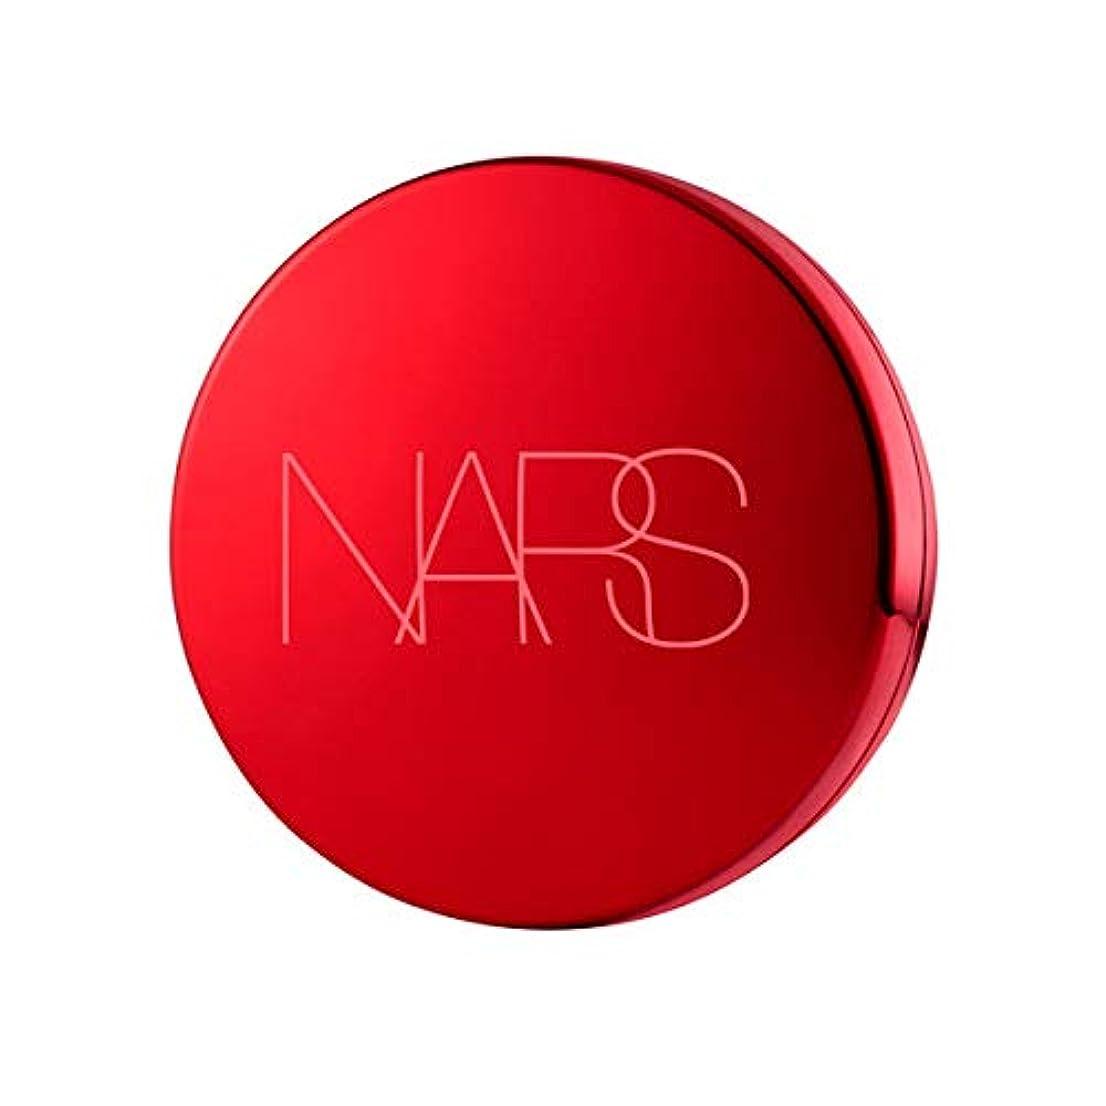 不完全な少年光沢【NARS(ナーズ)】 アクアティックグロー クッションコンパクト スペシャルエディションケース